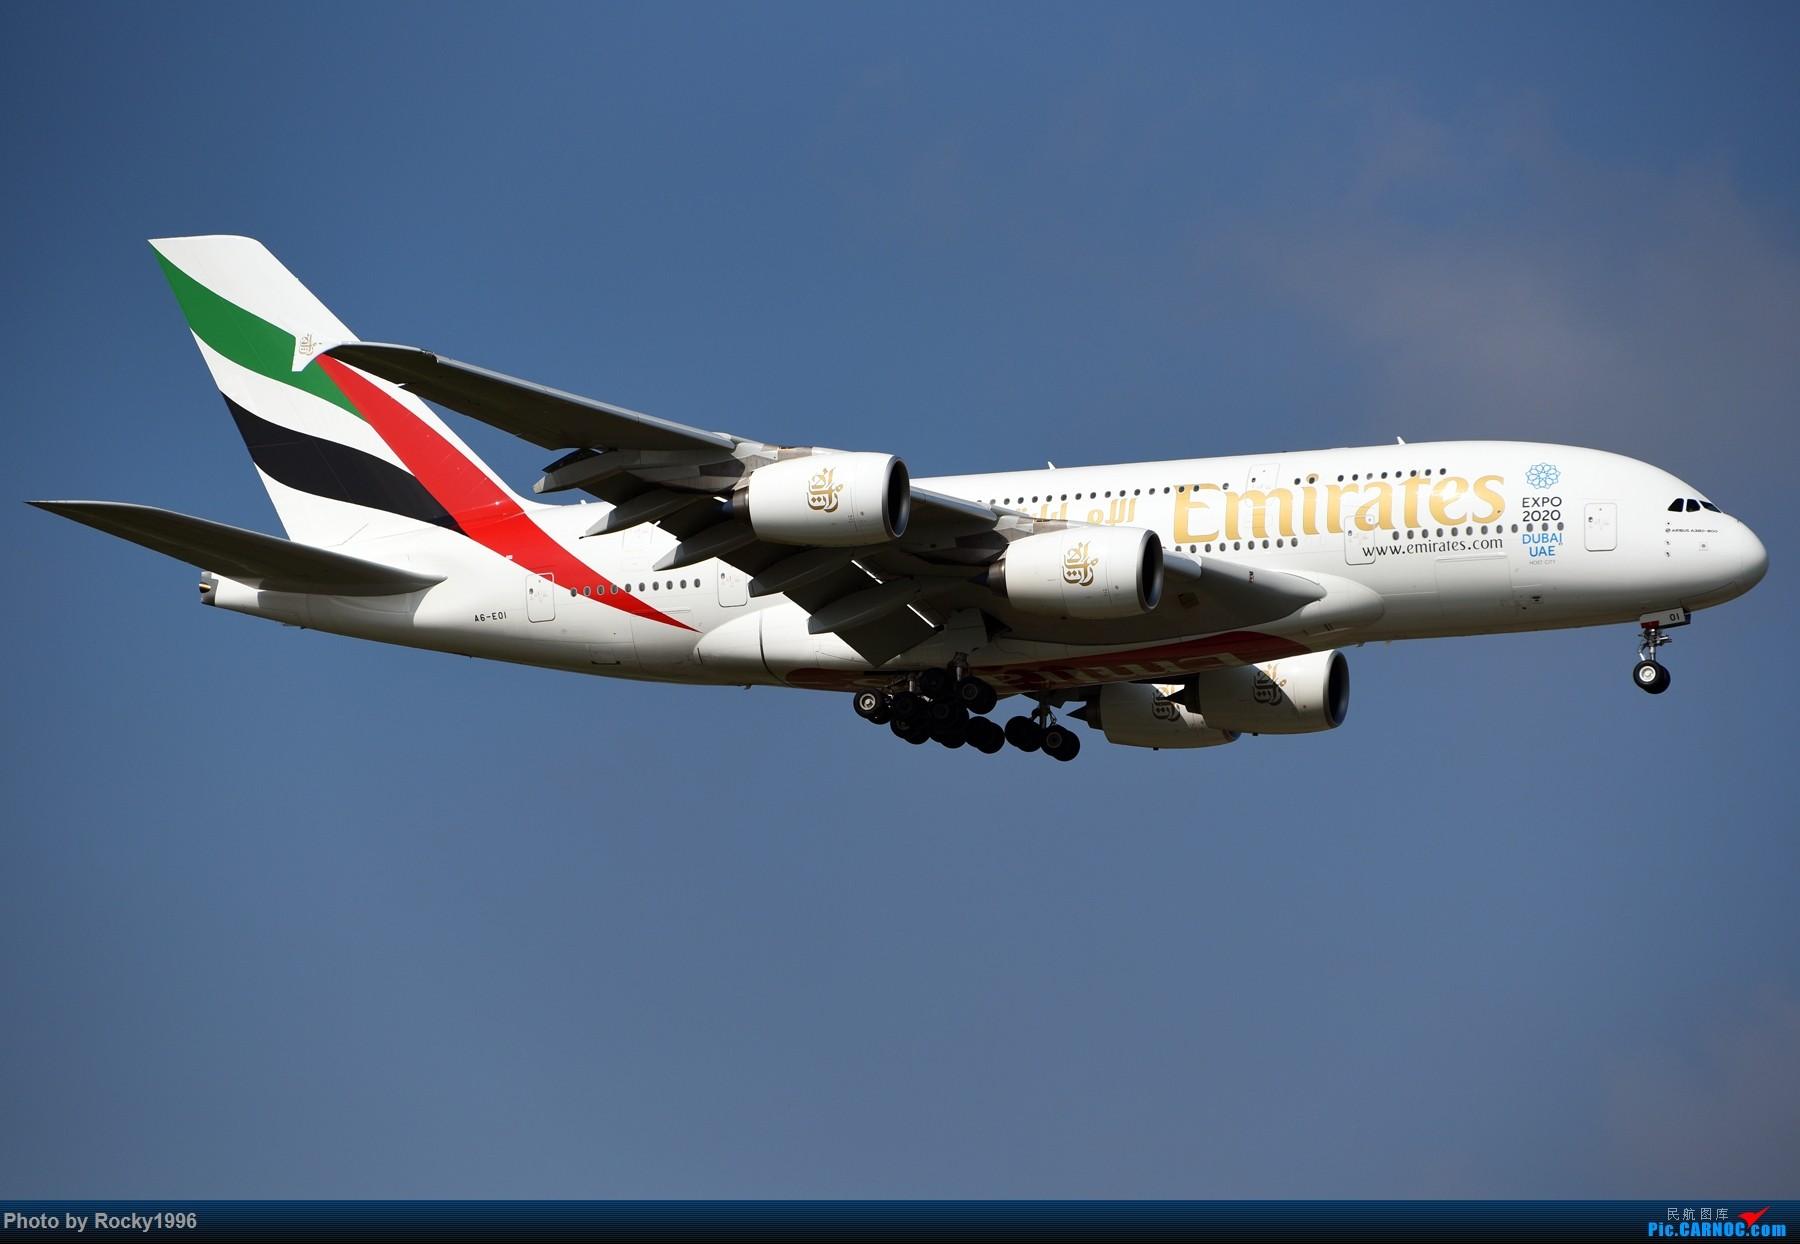 [原创]浦东好天,就要胖子棍子一把抓!! AIRBUS A380-800 A6-EOI 中国上海浦东国际机场